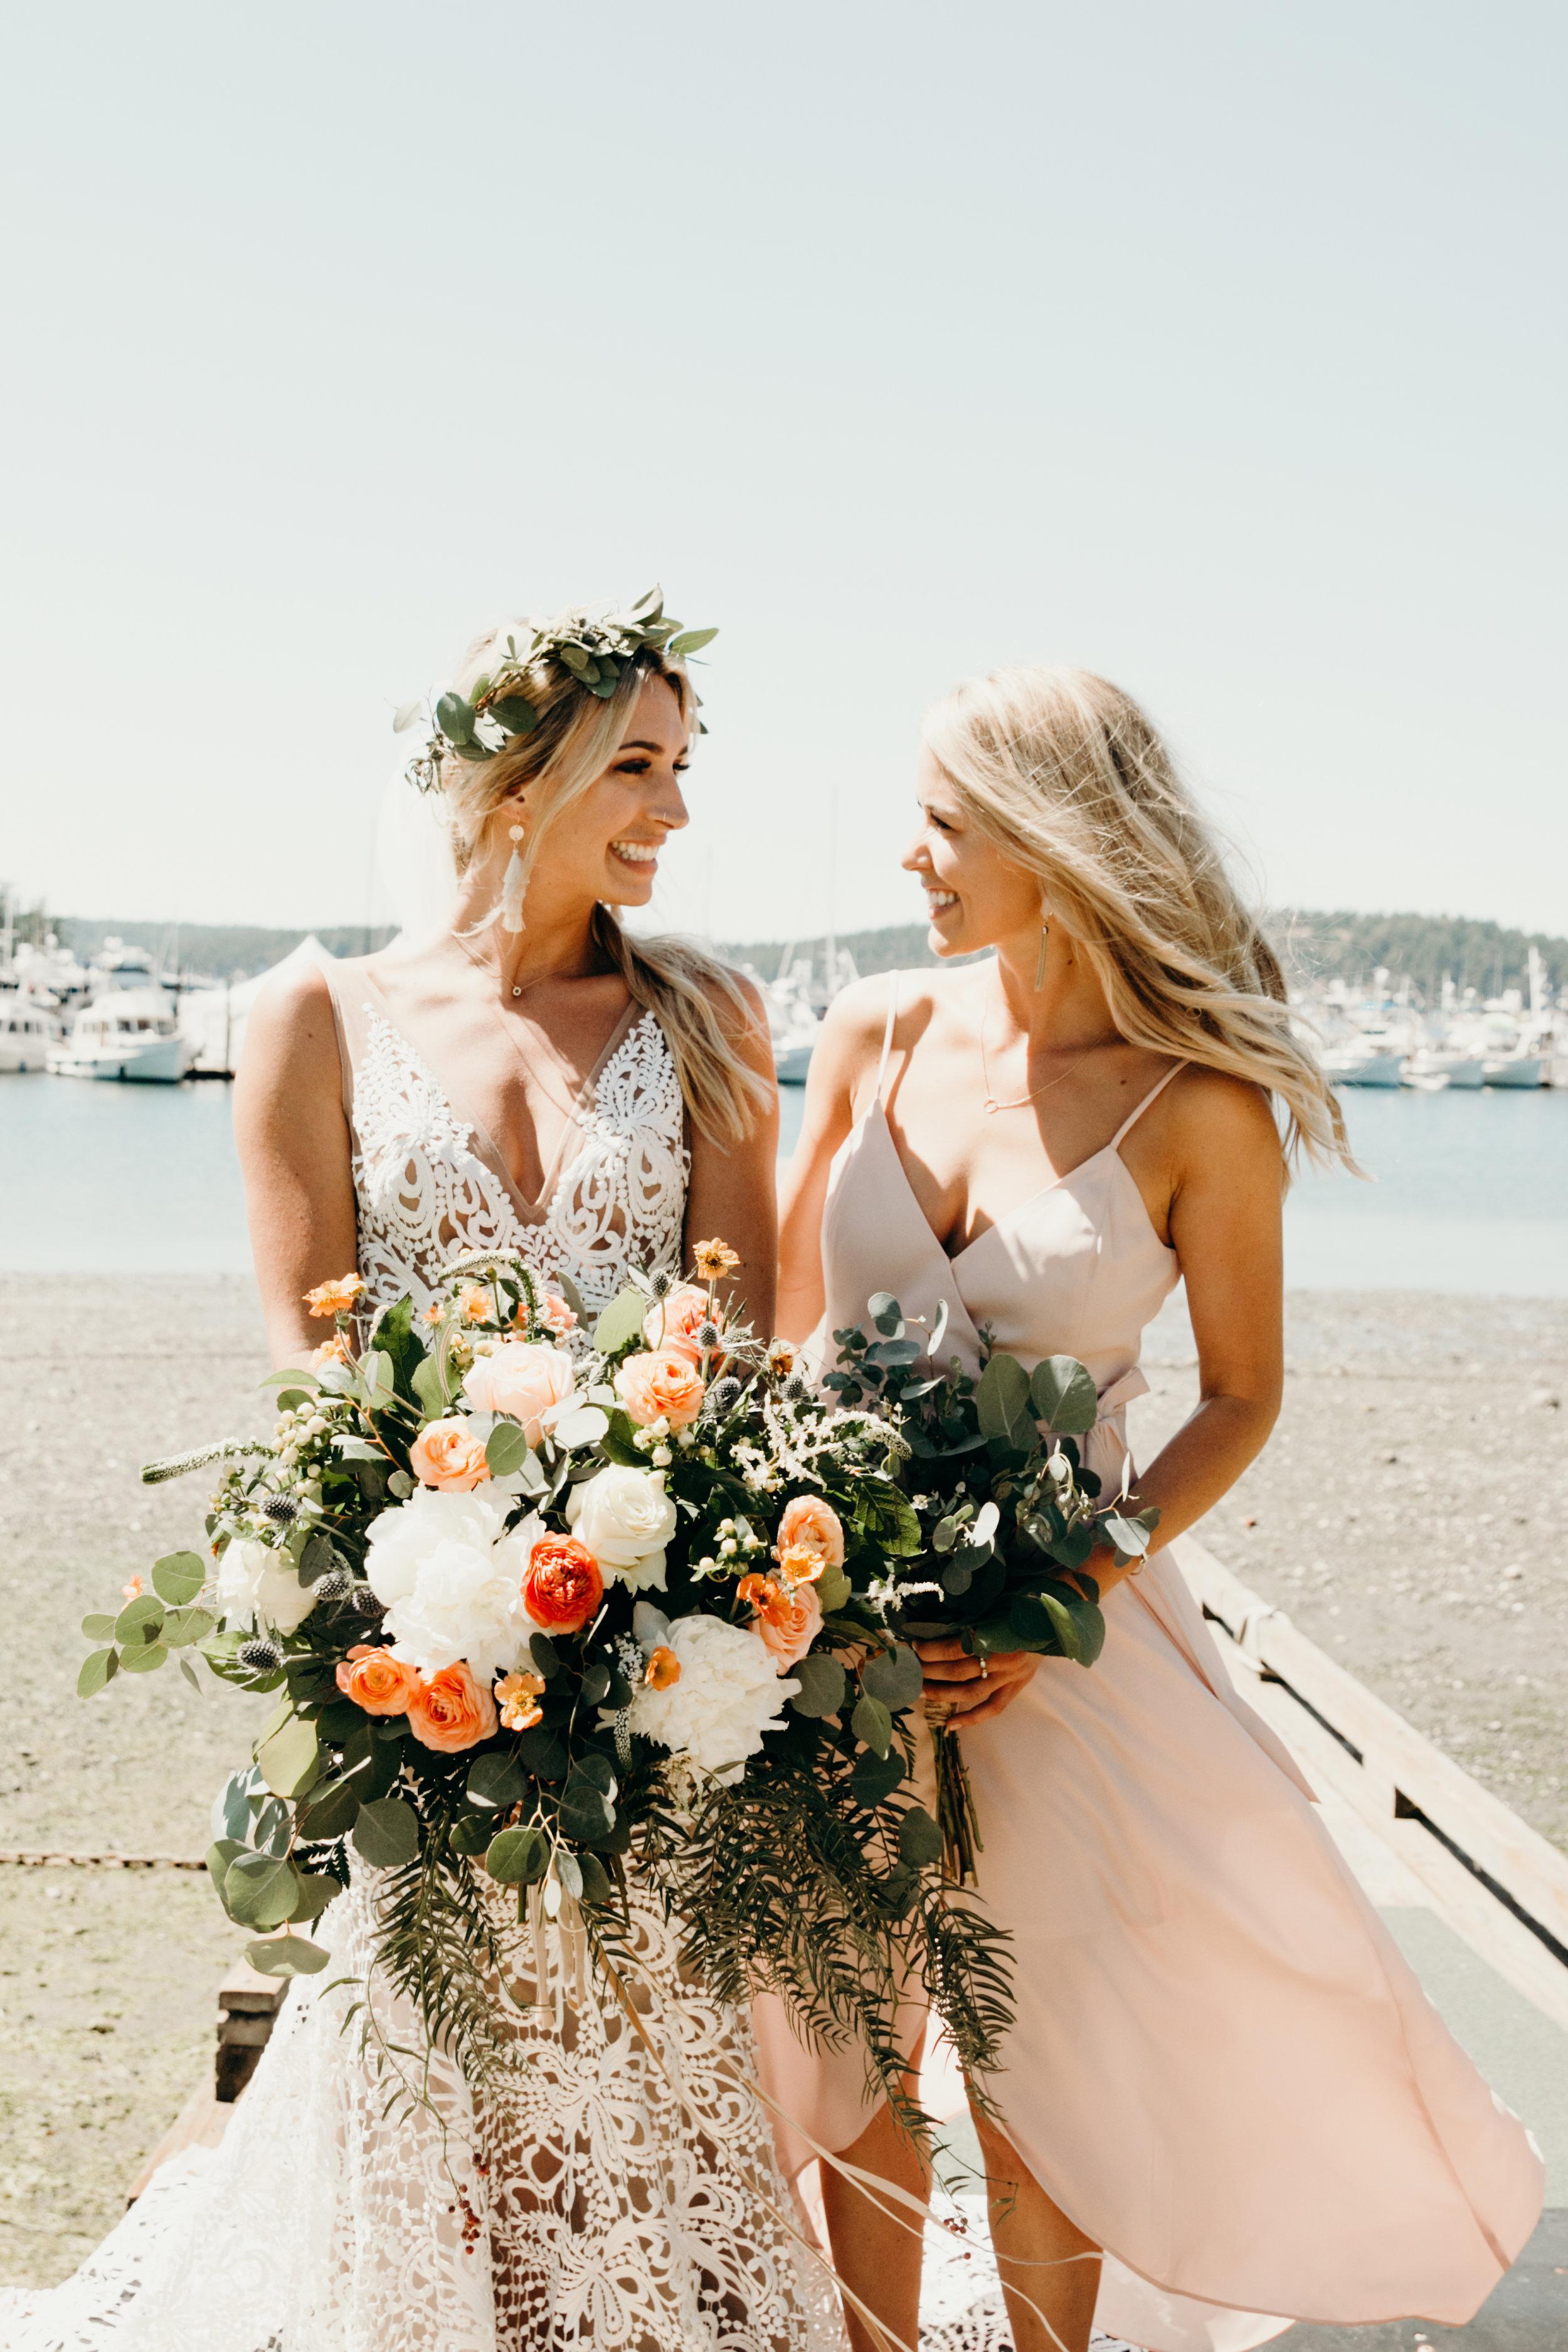 brides+-29 copy.jpg